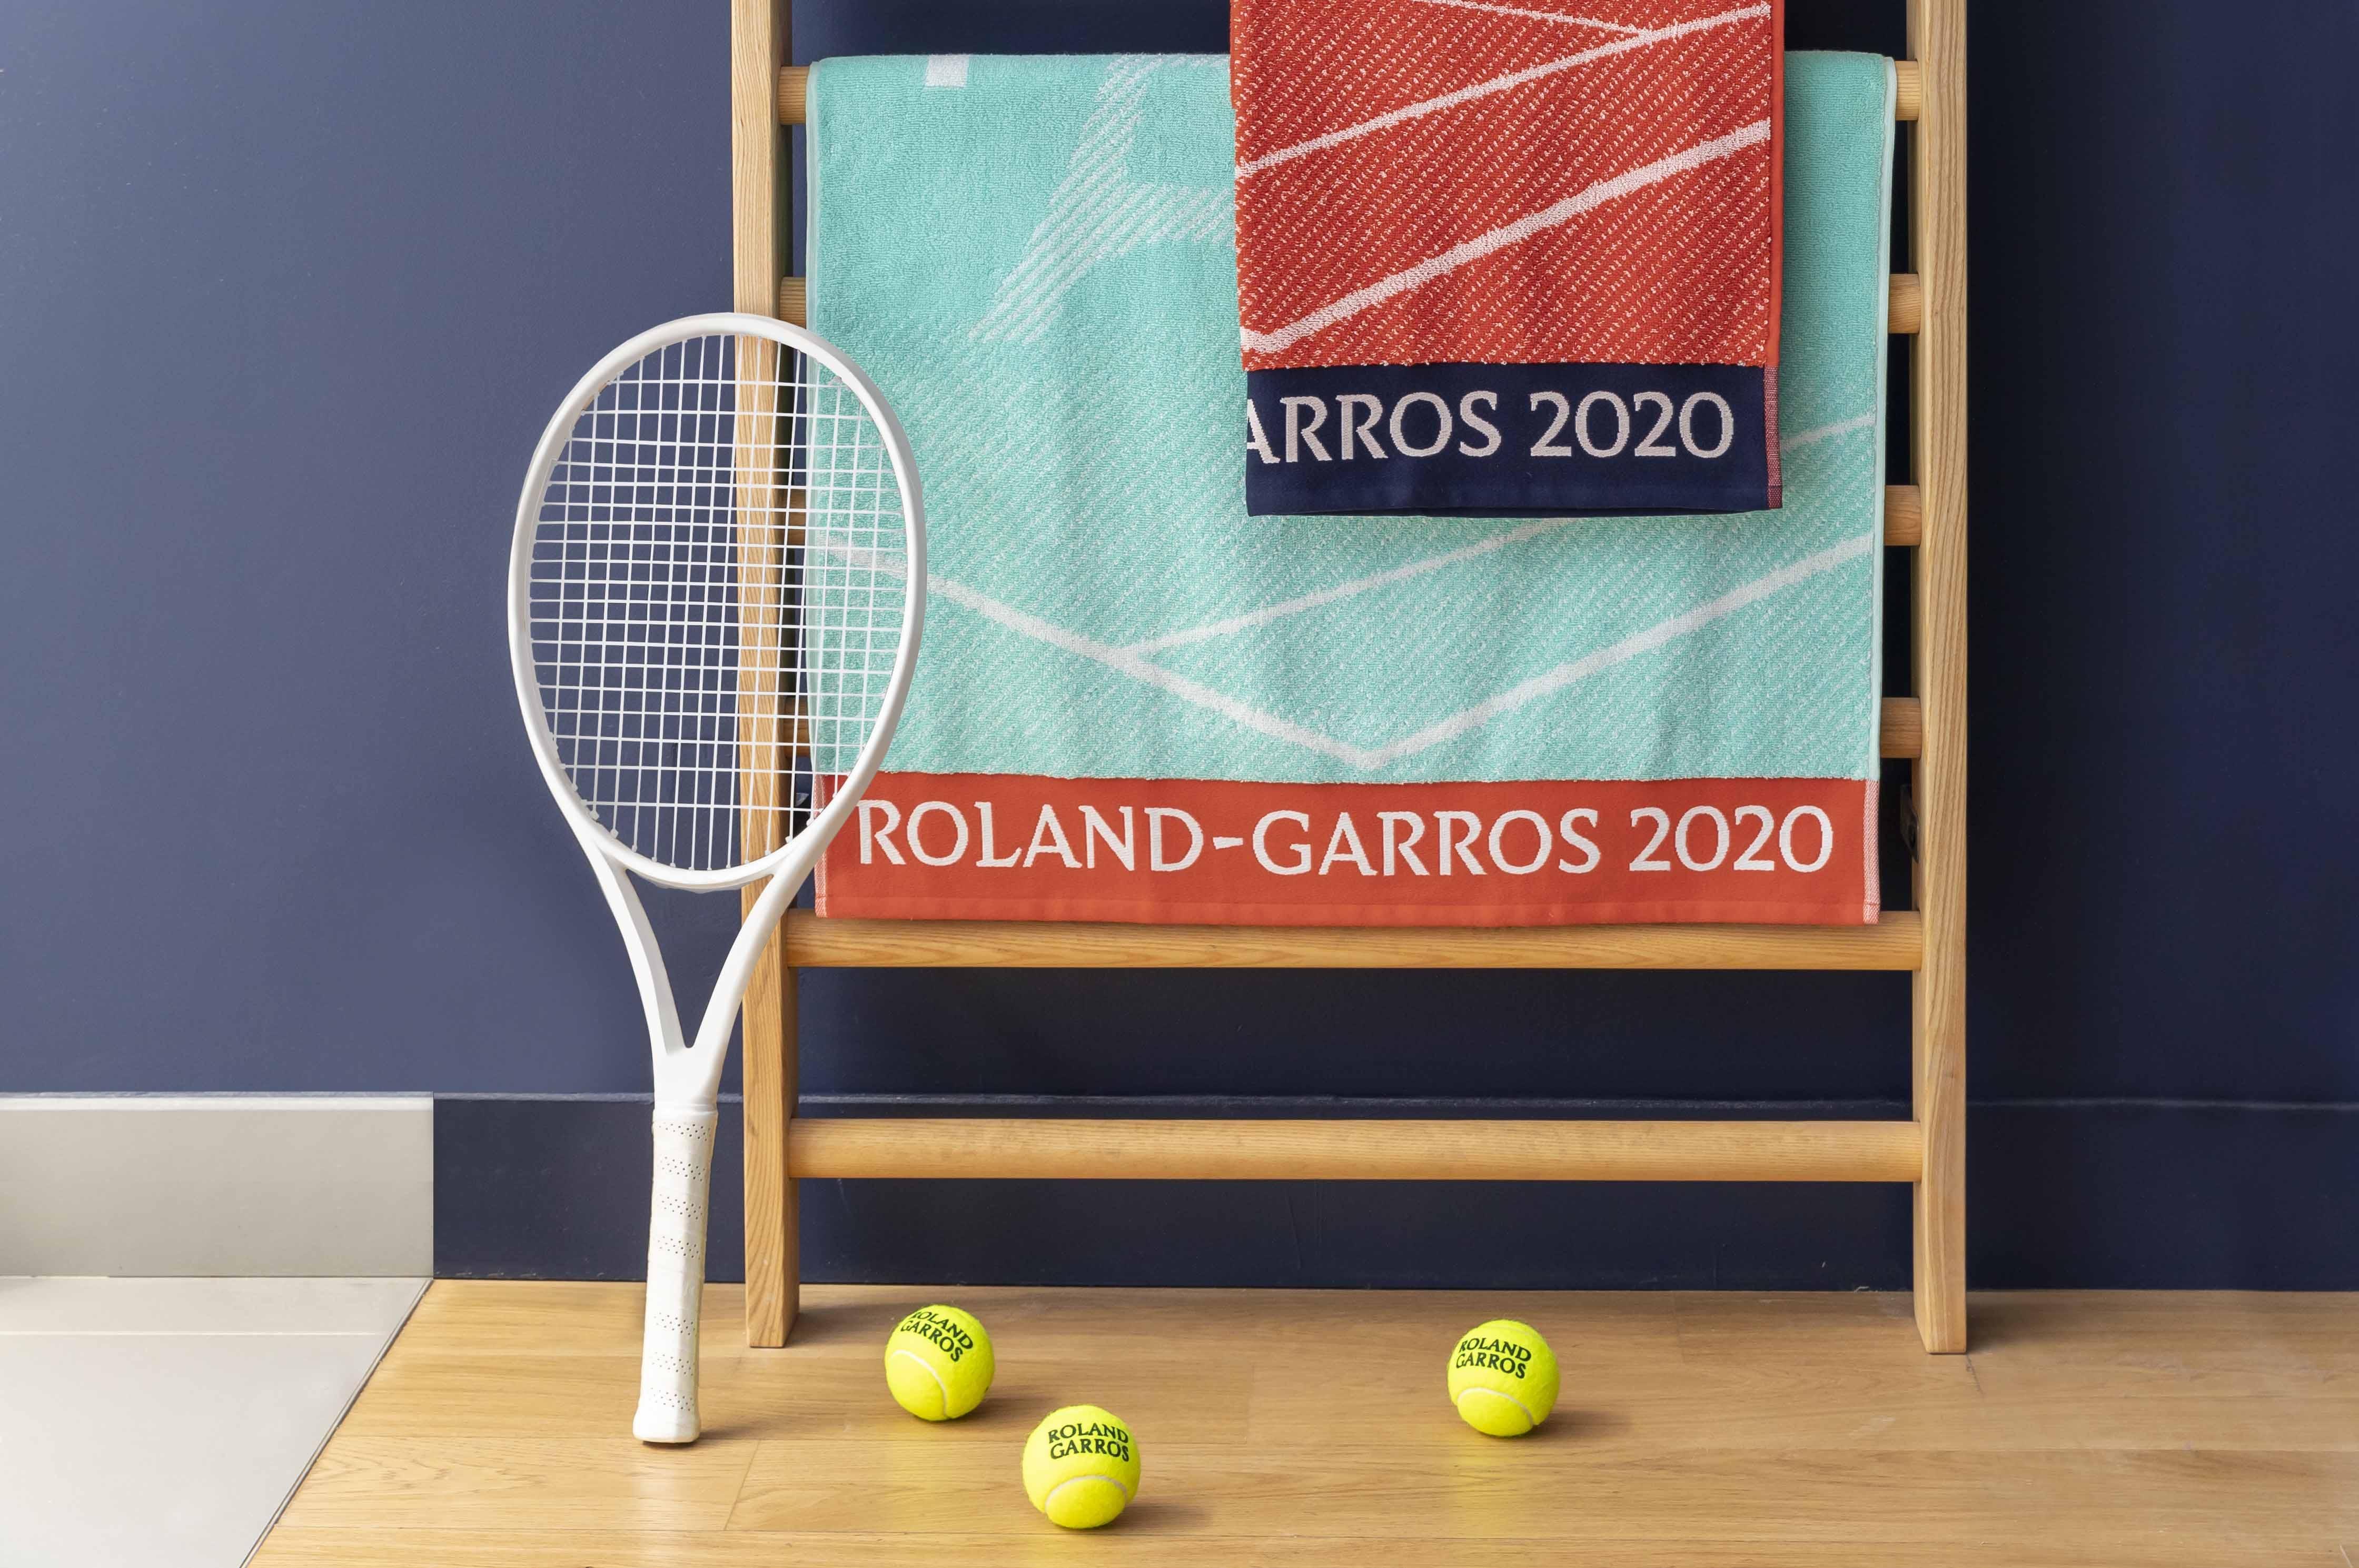 Roland-Garros 2020 towels